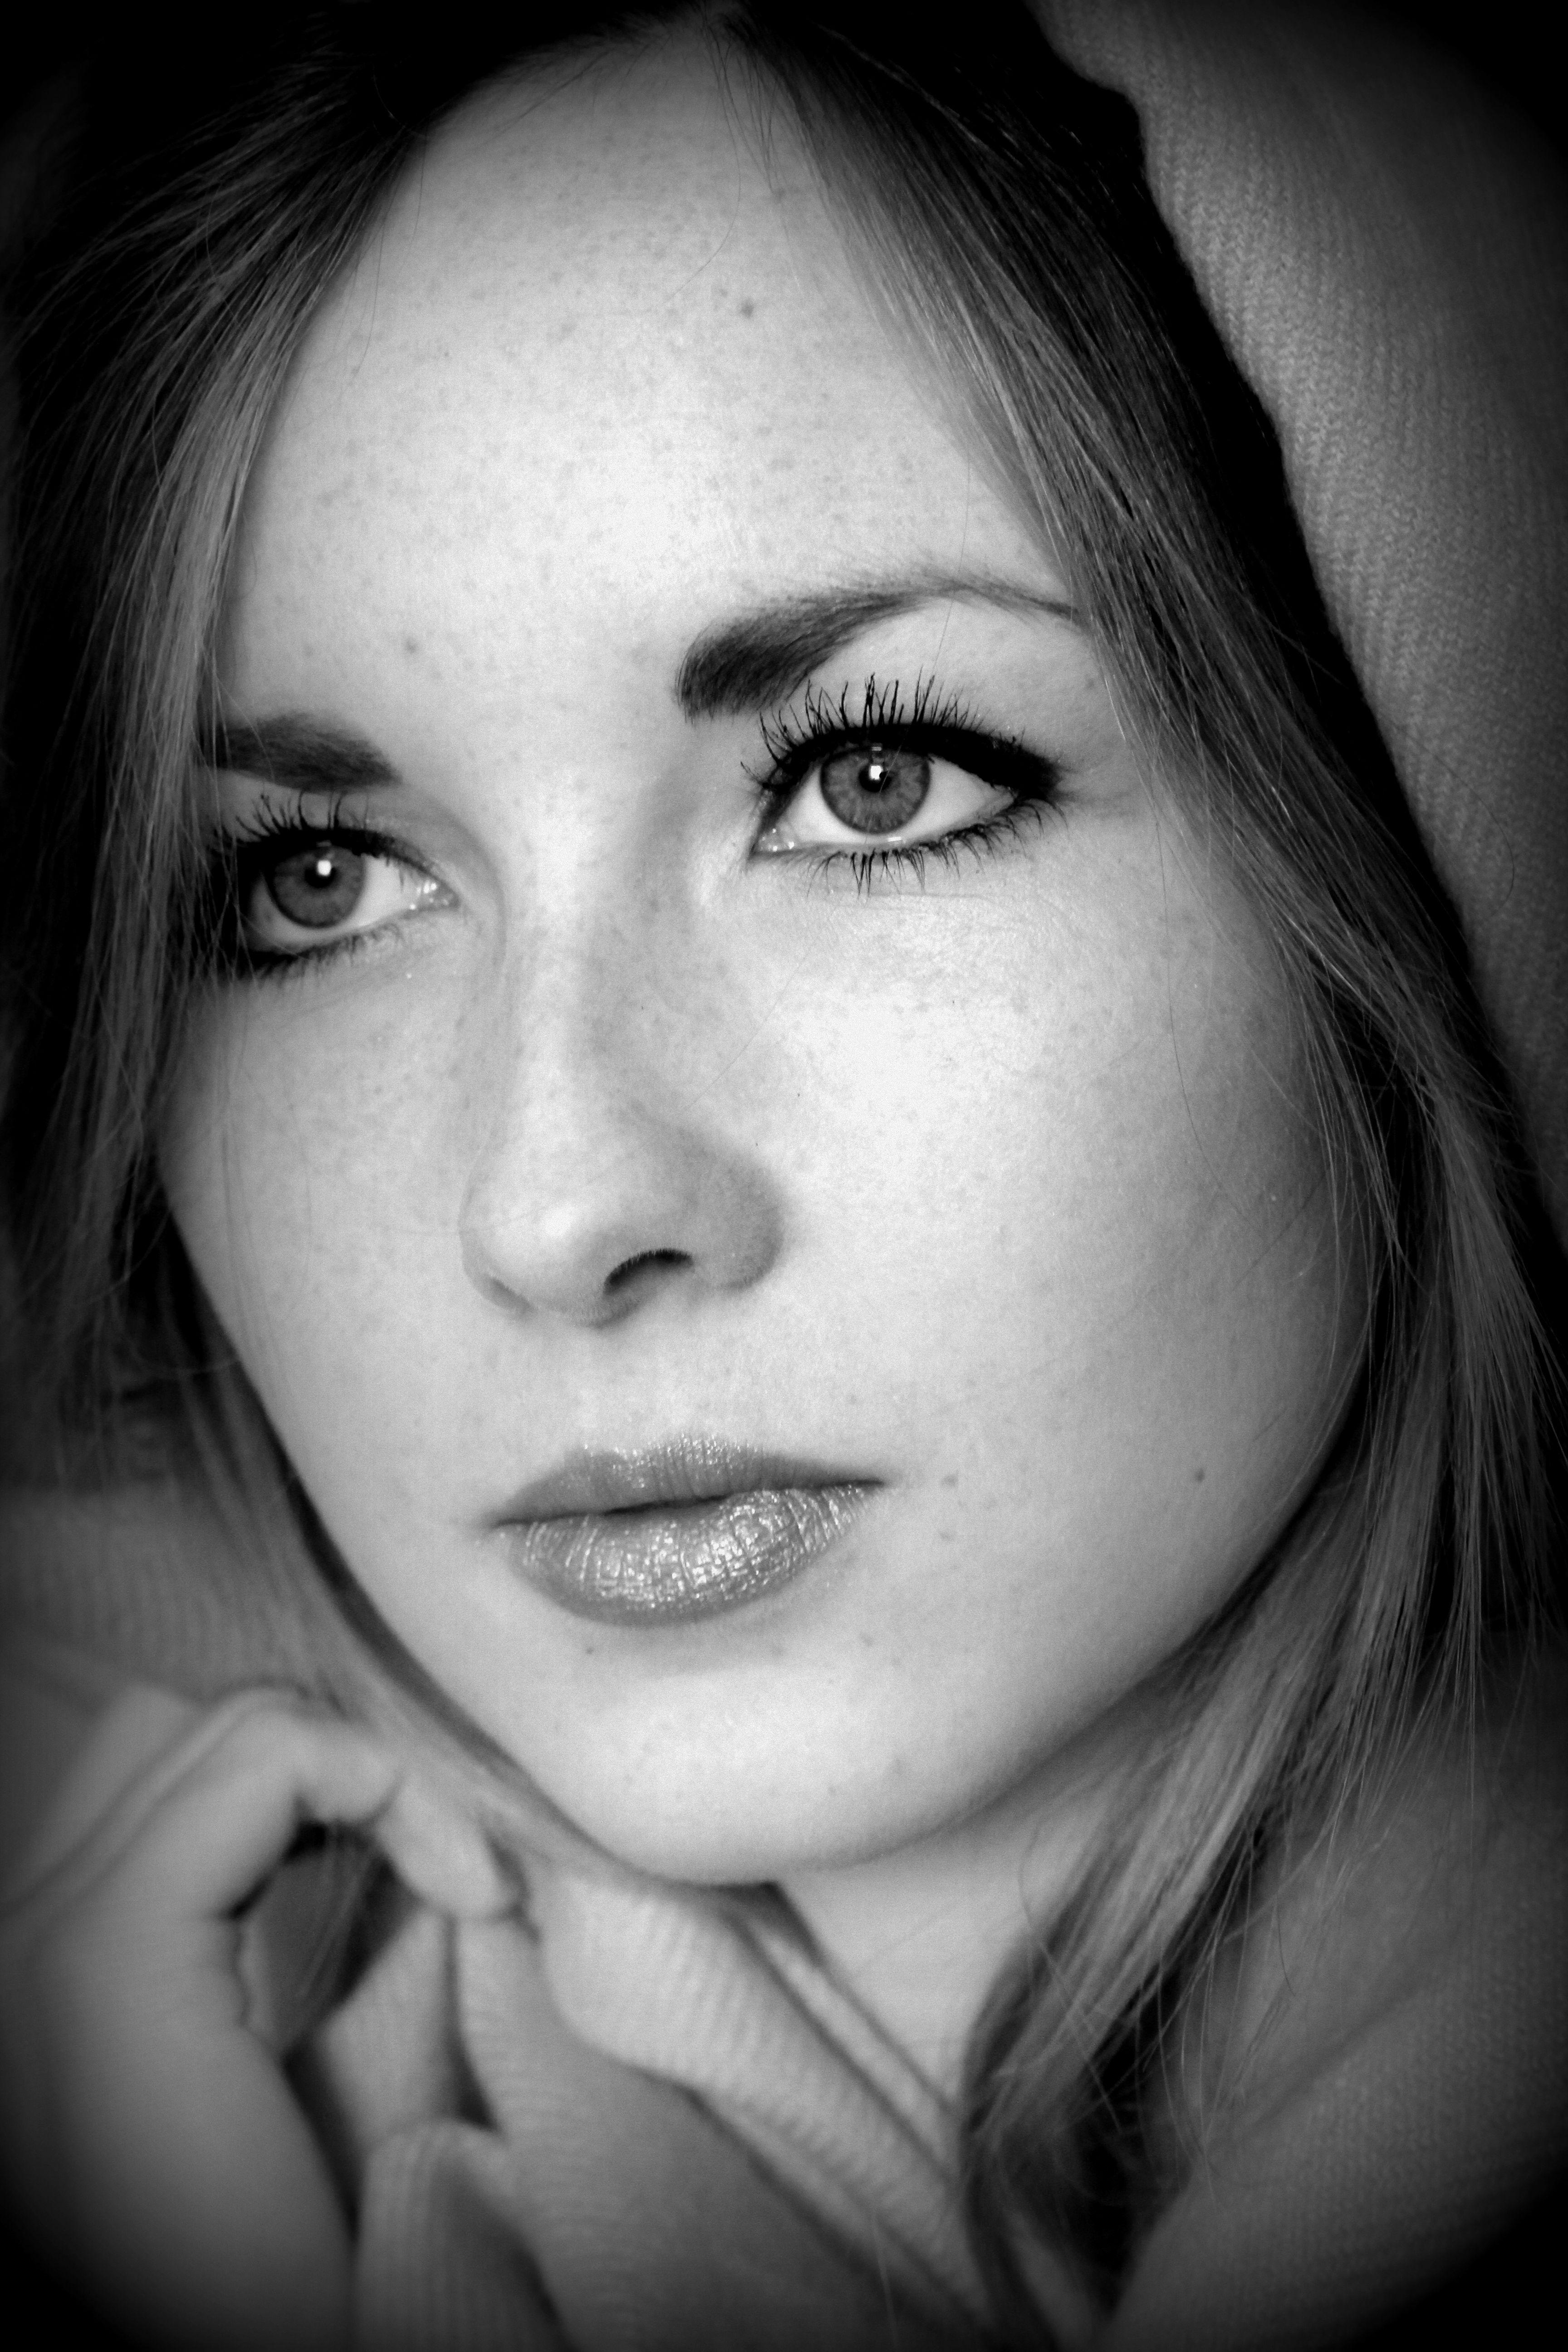 portret met natuurlijk licht focus57